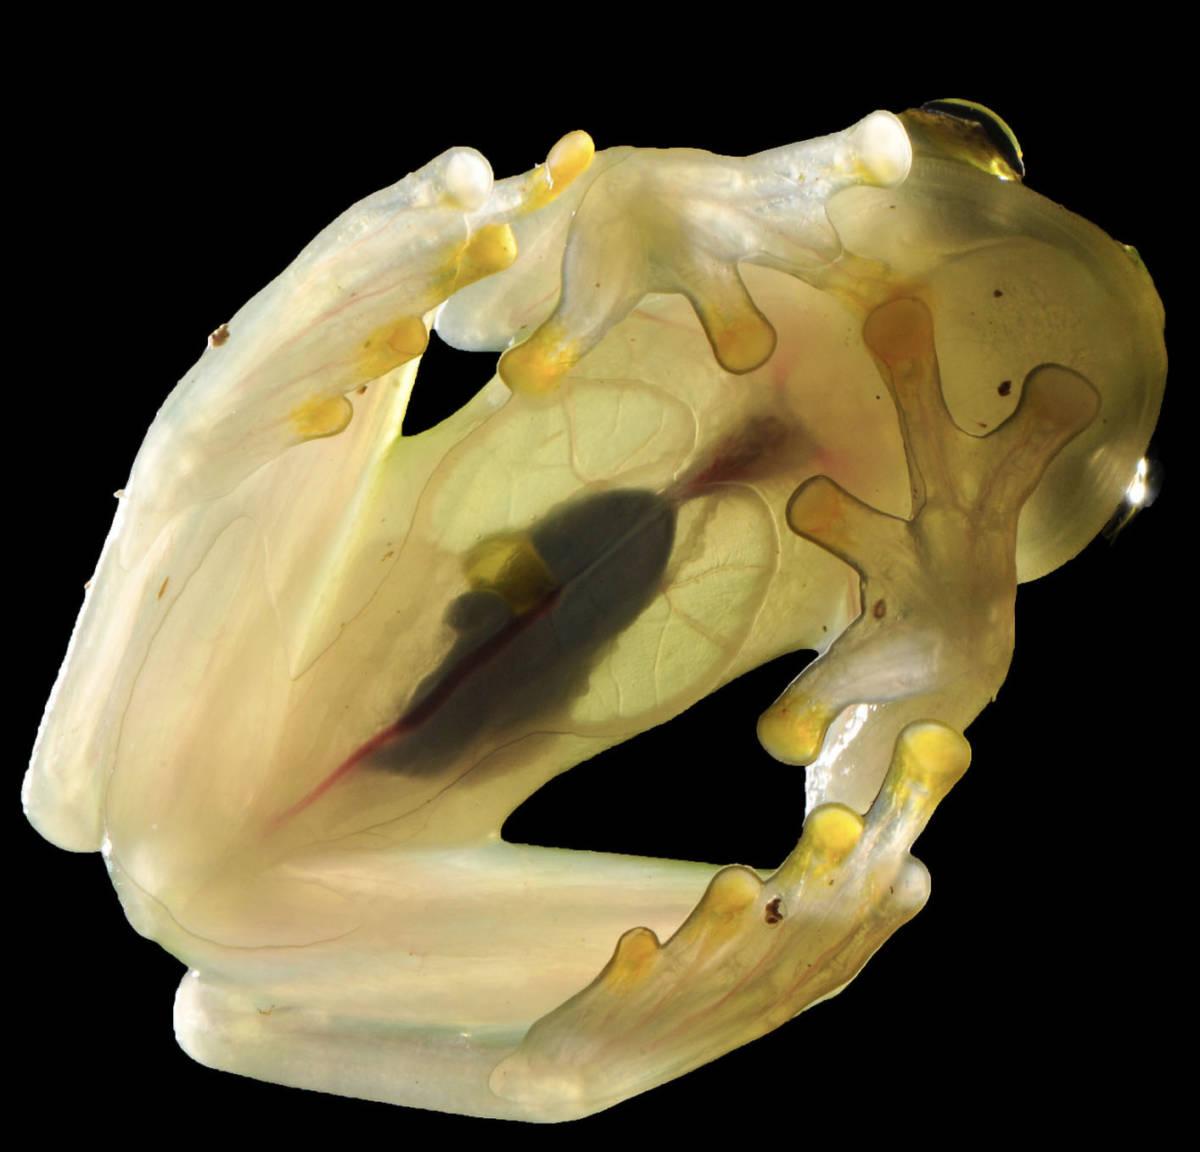 12 transparentnych zwierząt, o których istnieniu nawet nie słyszałeś!